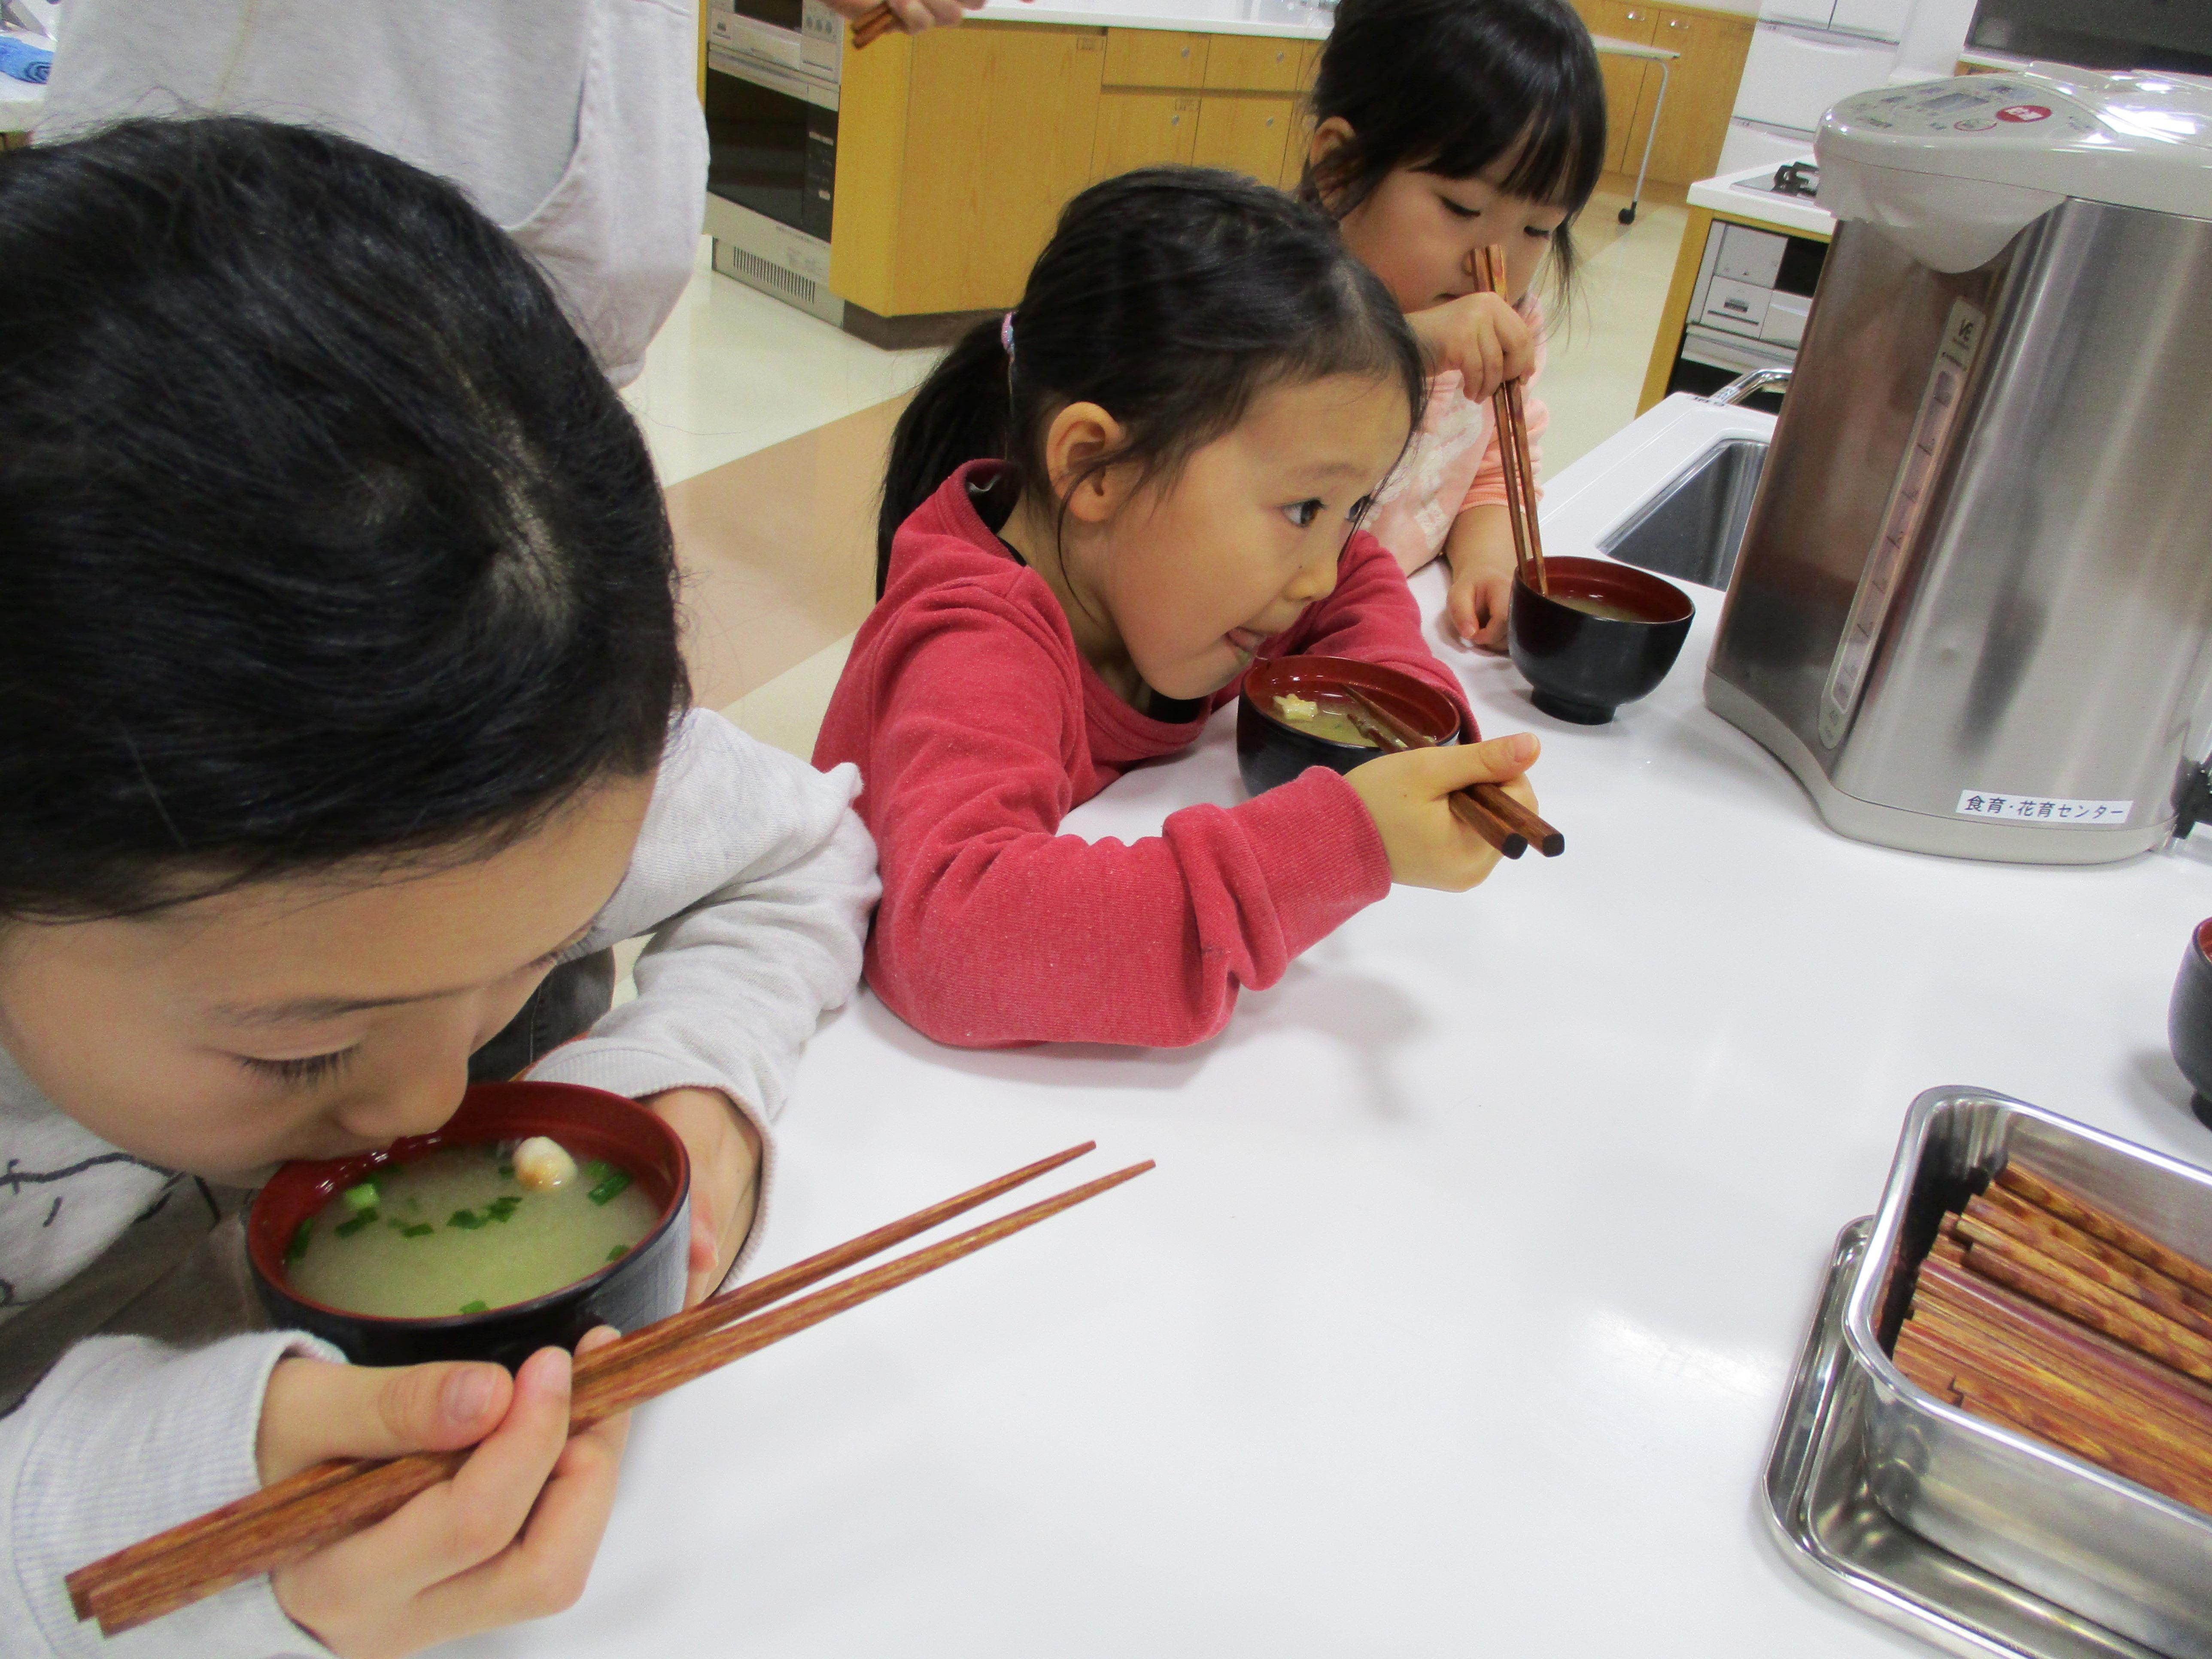 食育ミニ体験「MAKE MISOBOLL~即席味噌汁作り~」